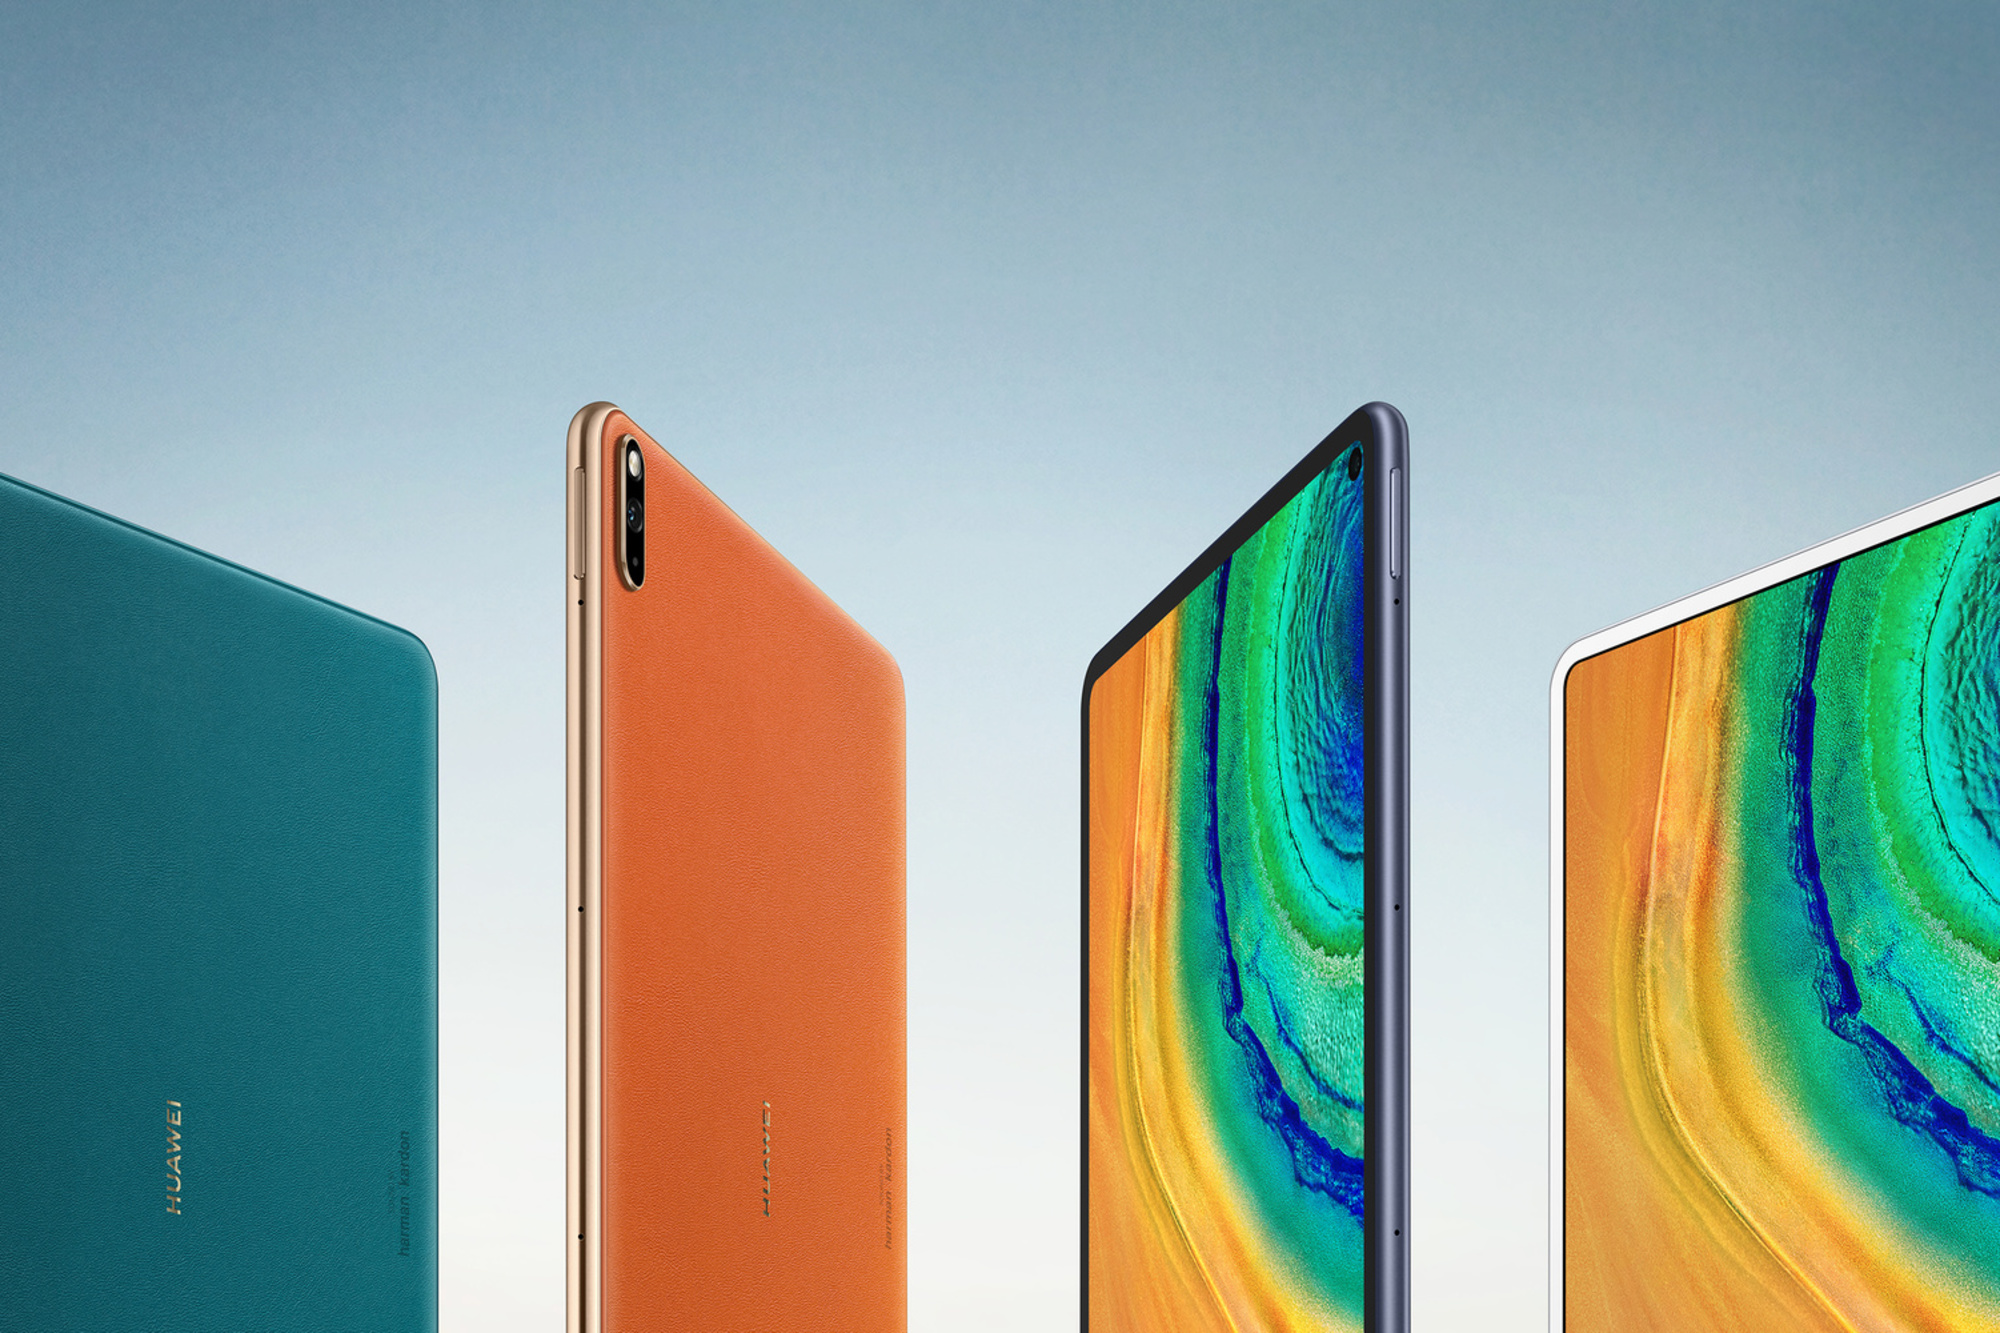 De MatePad Pro, Huawei